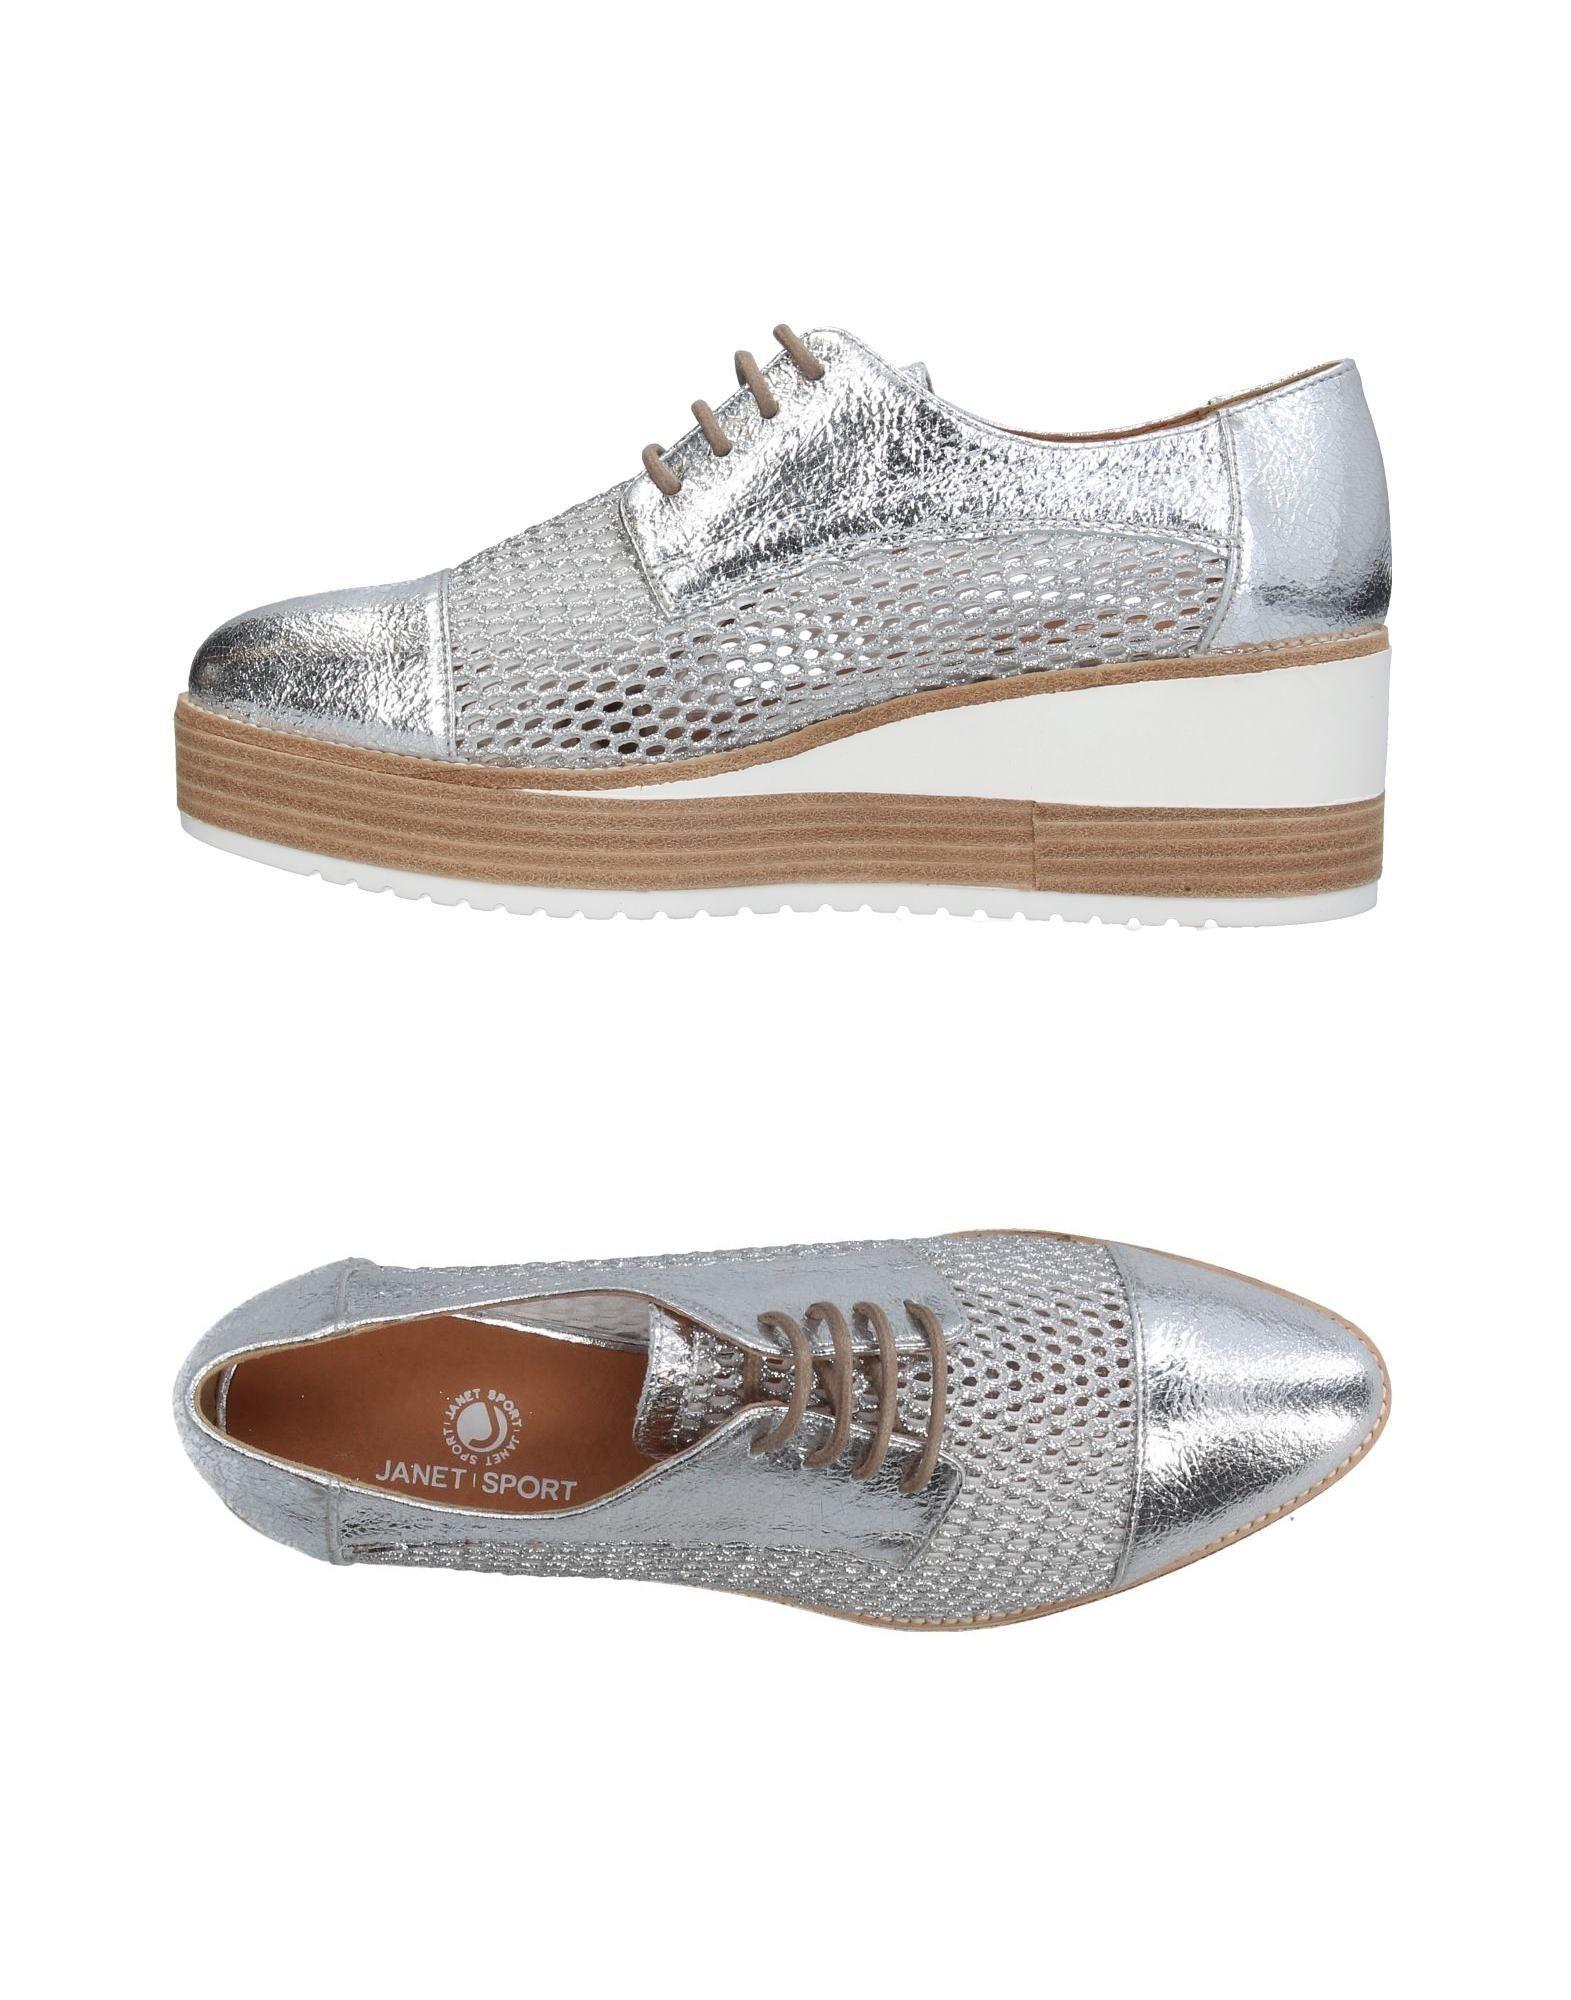 Janet Sport Schnürschuhe Damen  11398929TB Gute Qualität beliebte Schuhe